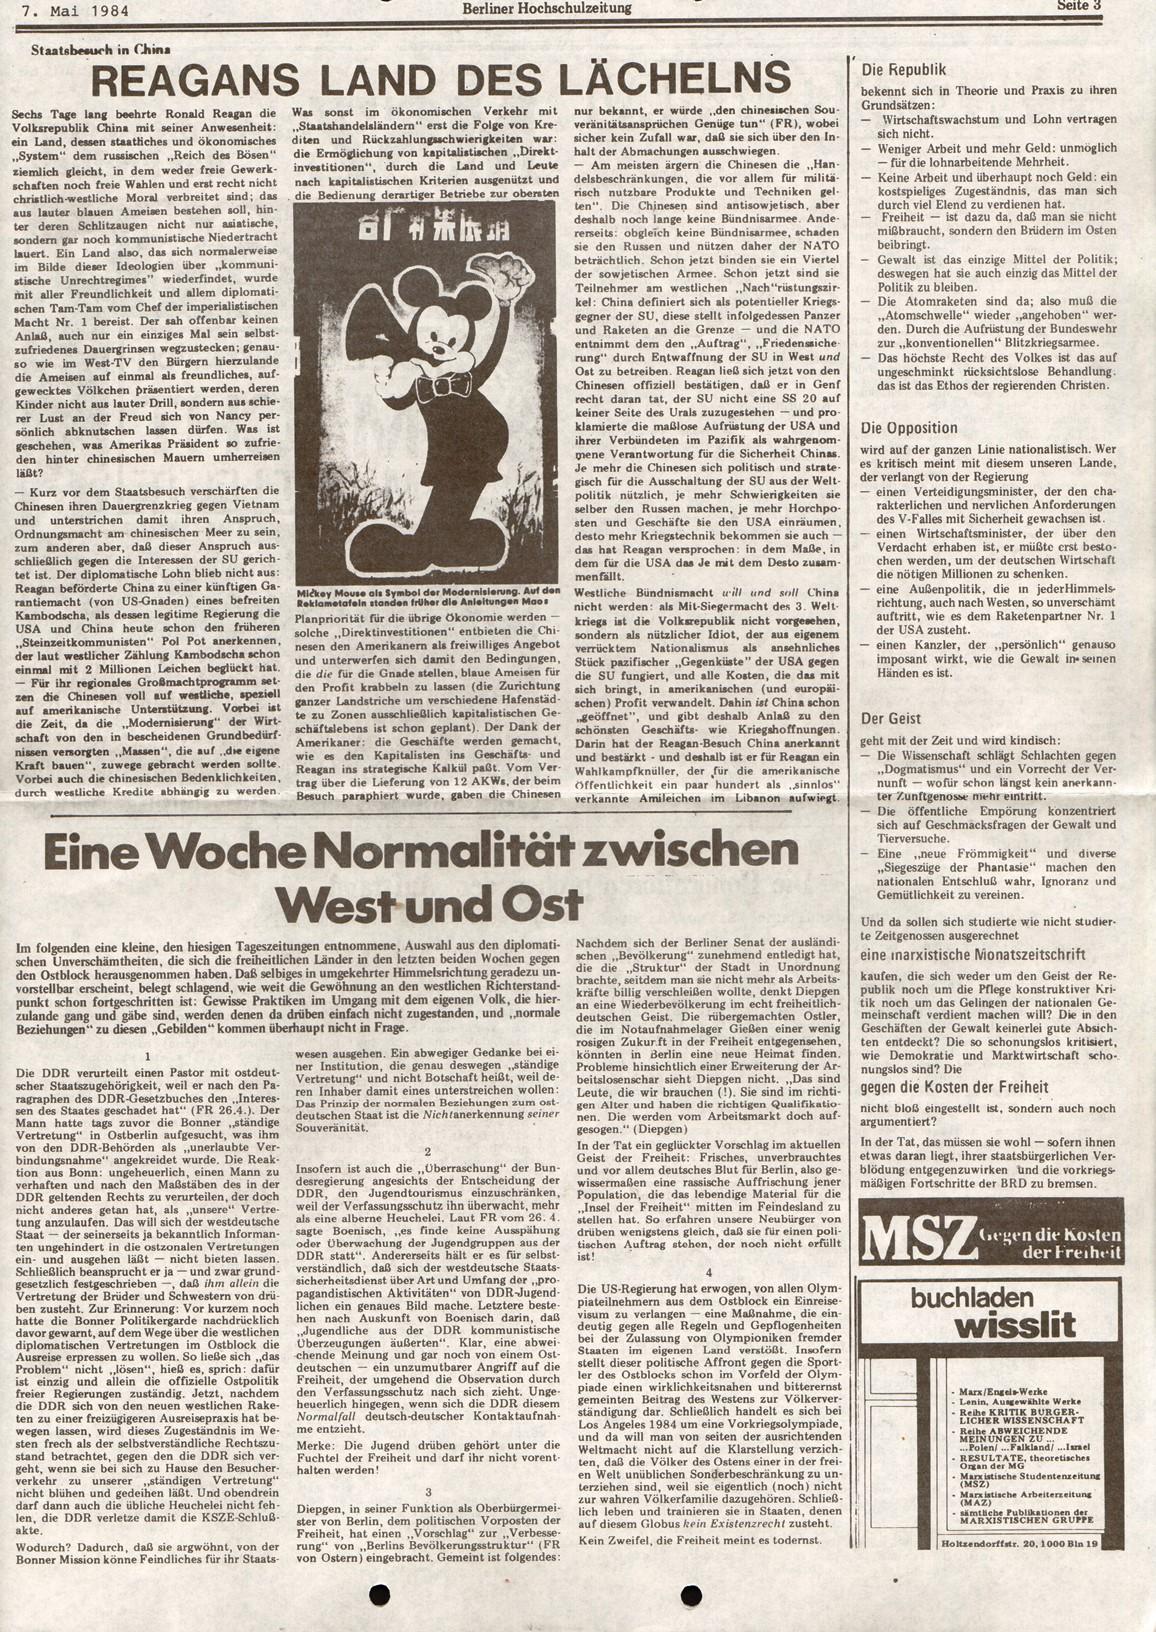 Berlin_MG_Hochschulzeitung_19840507_03